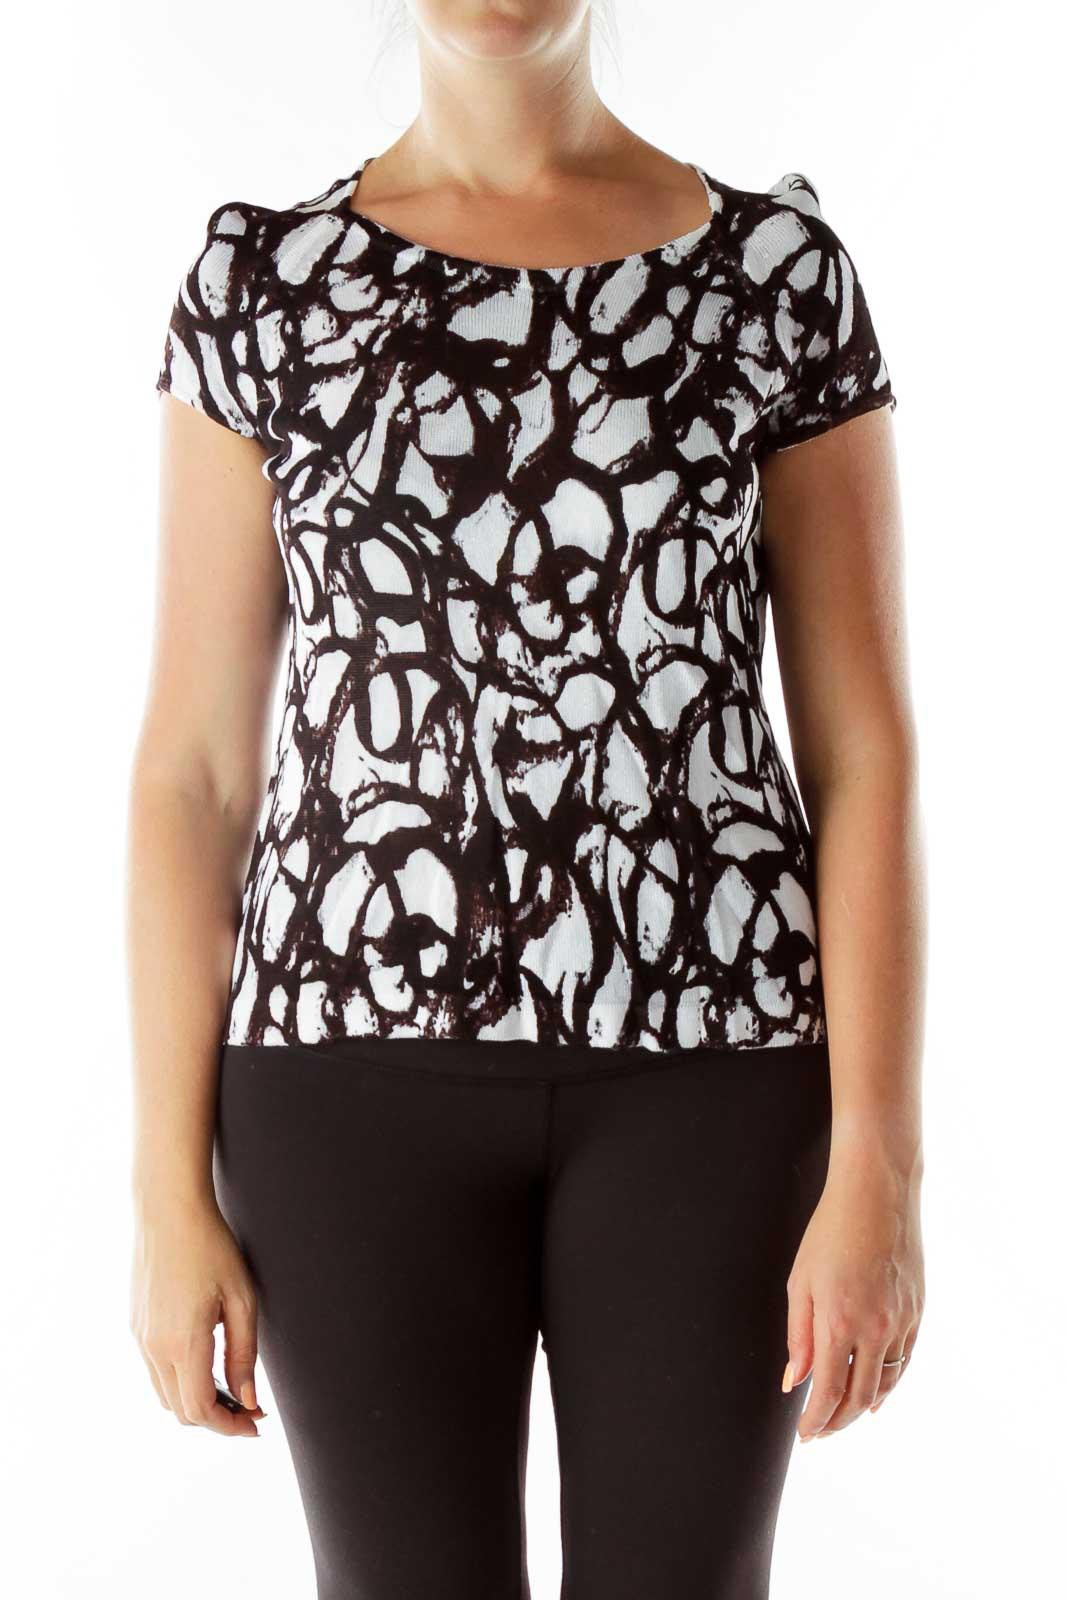 Black White Print Knit Top